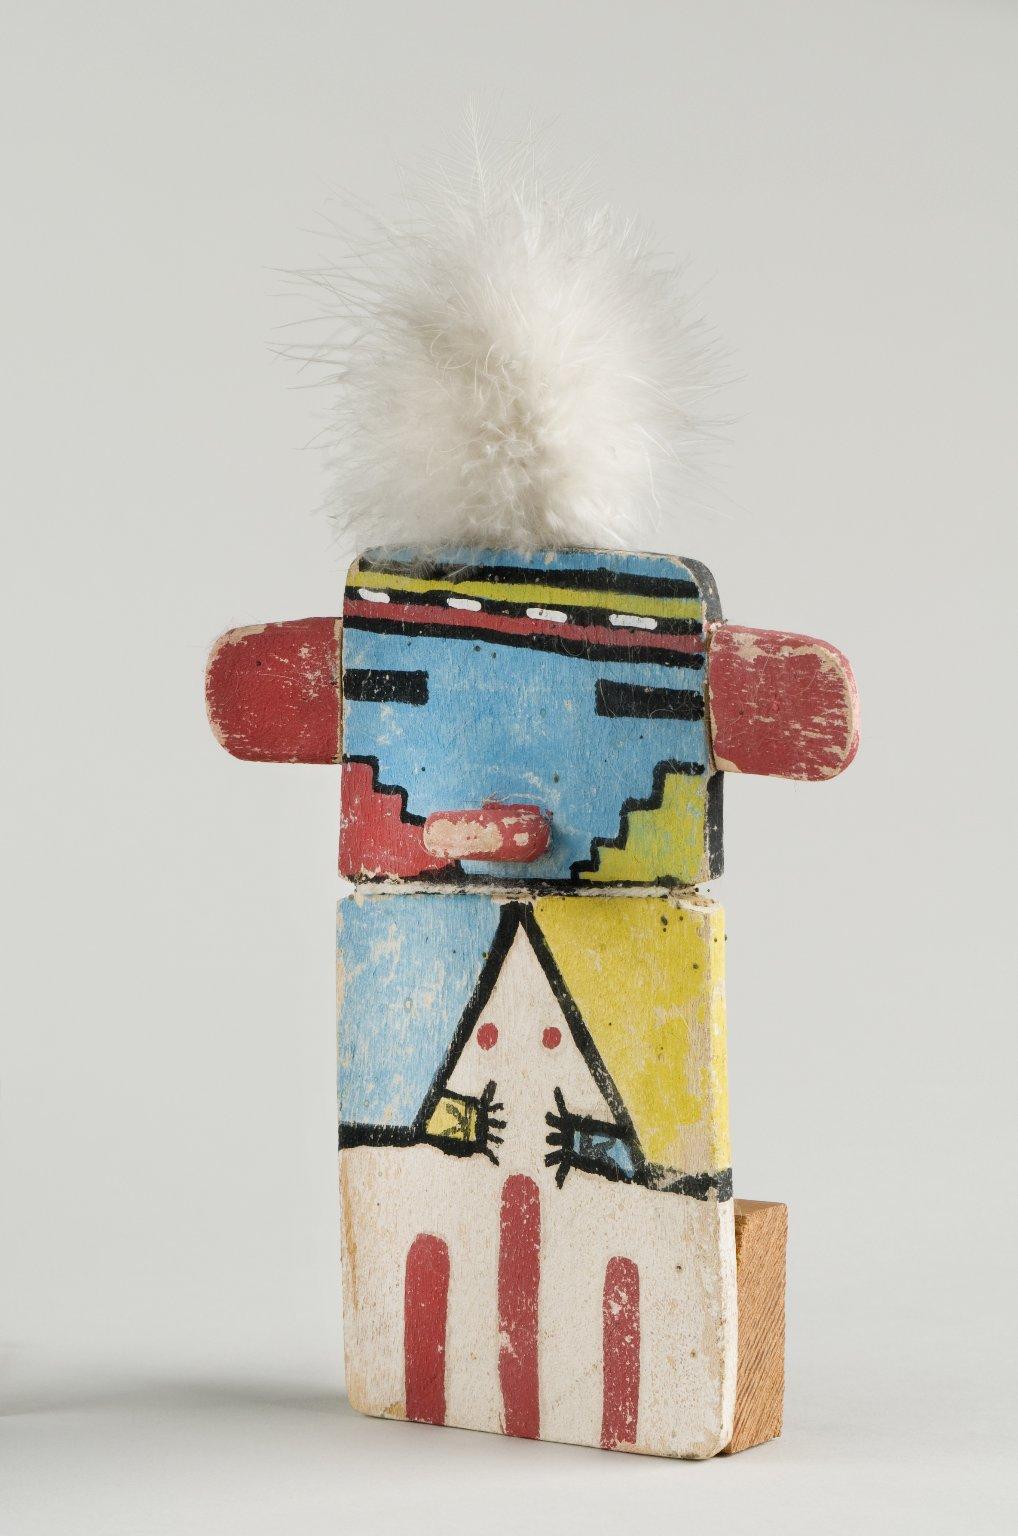 Cradle Kachina Doll